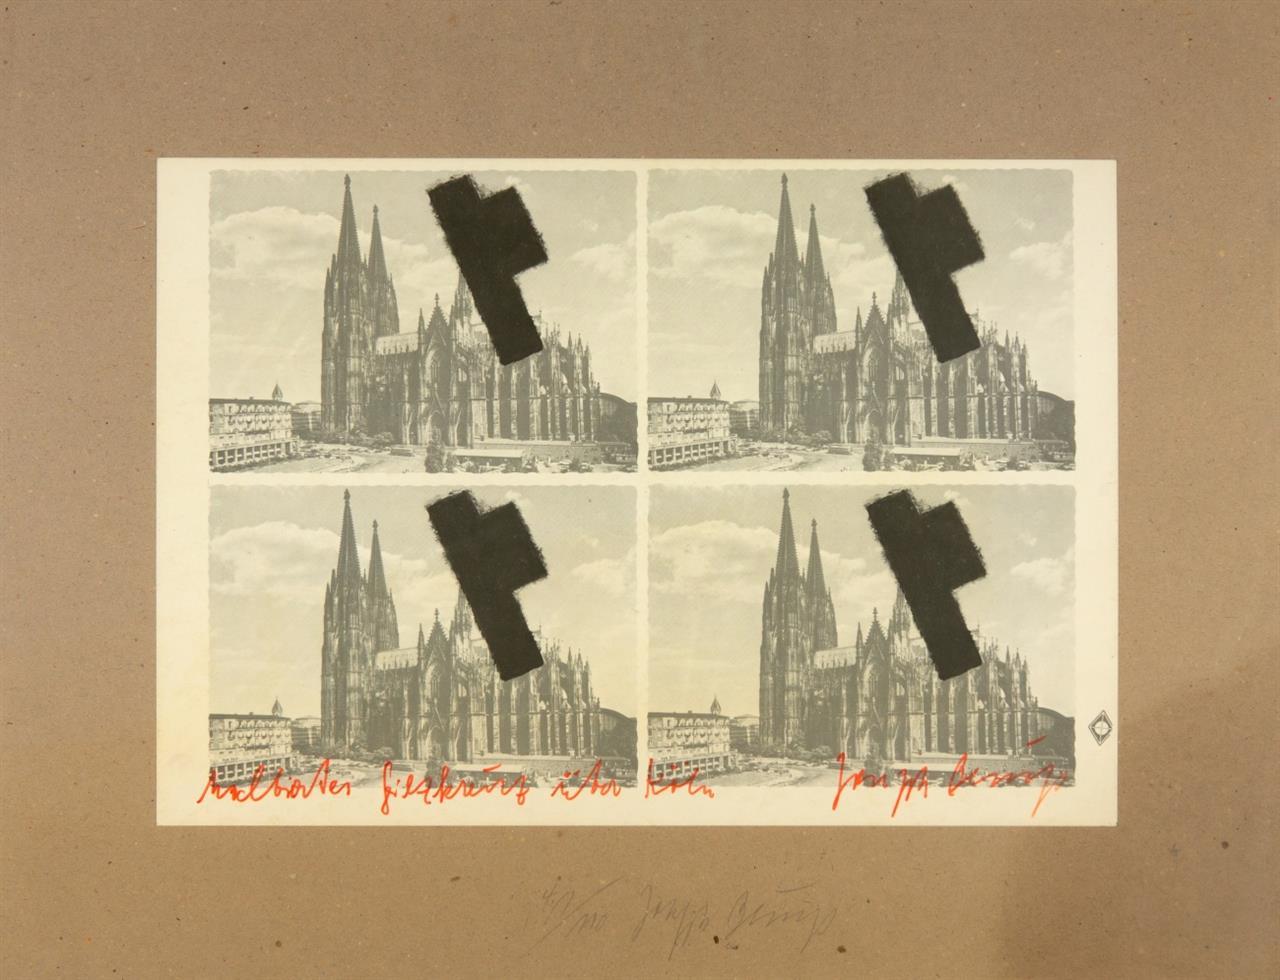 Joseph Beuys. Halbiertes Filzkreuz über Köln.1977. Offset auf Andruckbogen. Signiert. Ex. 41/110. Sch. 231.